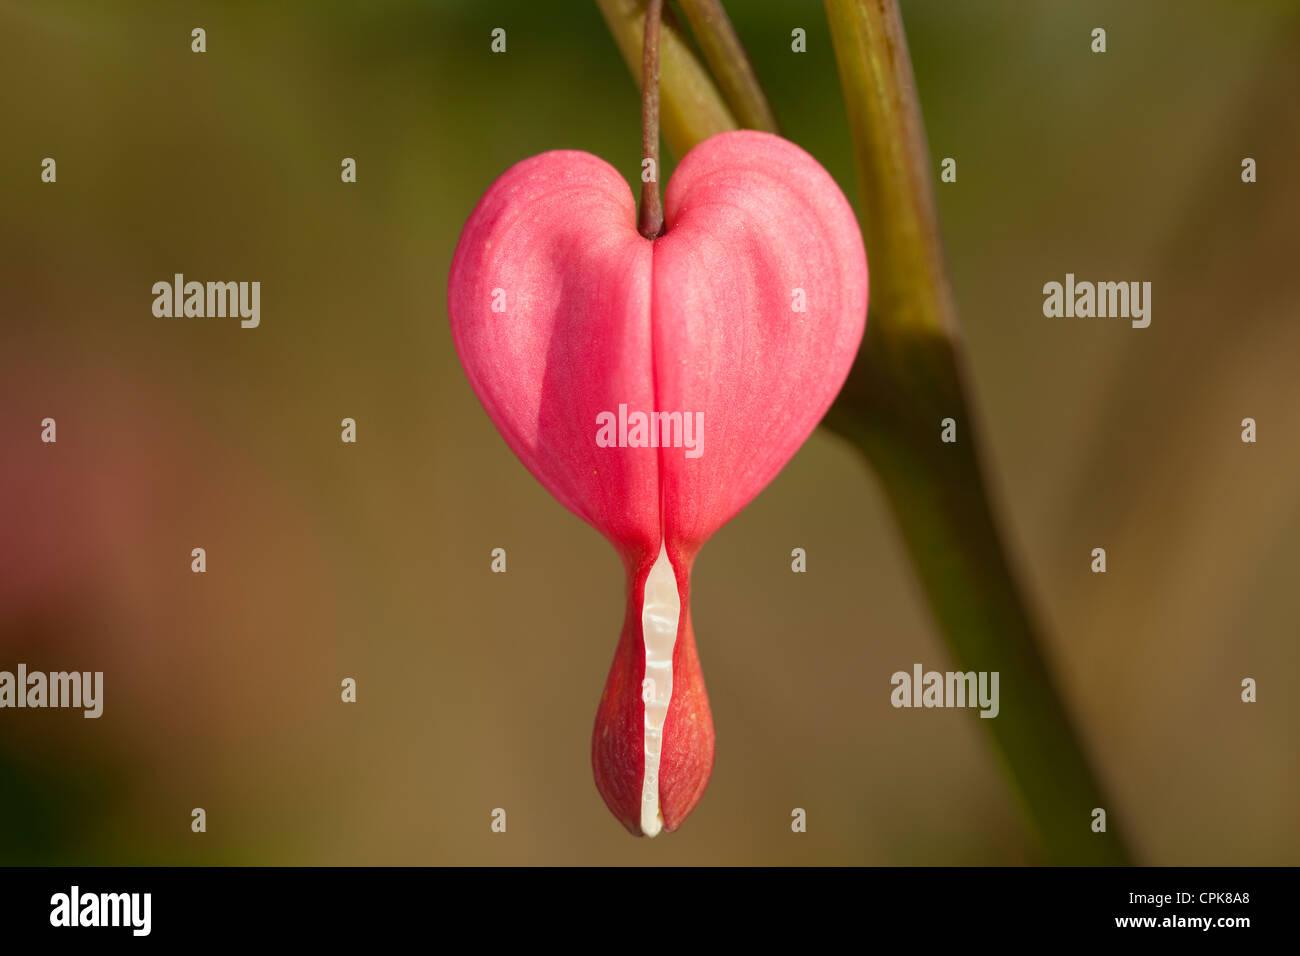 flower in heart shape (Lamprocapnos spectabilis) on stem - Stock Image